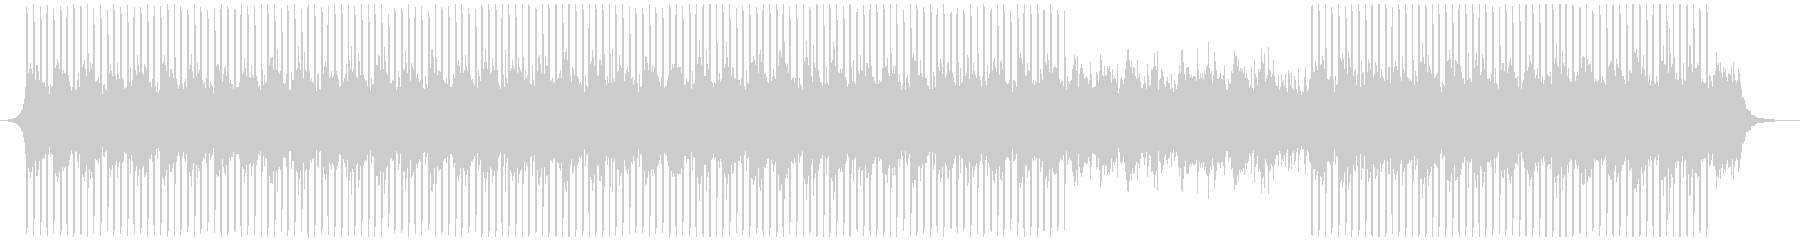 作品の未再生の波形